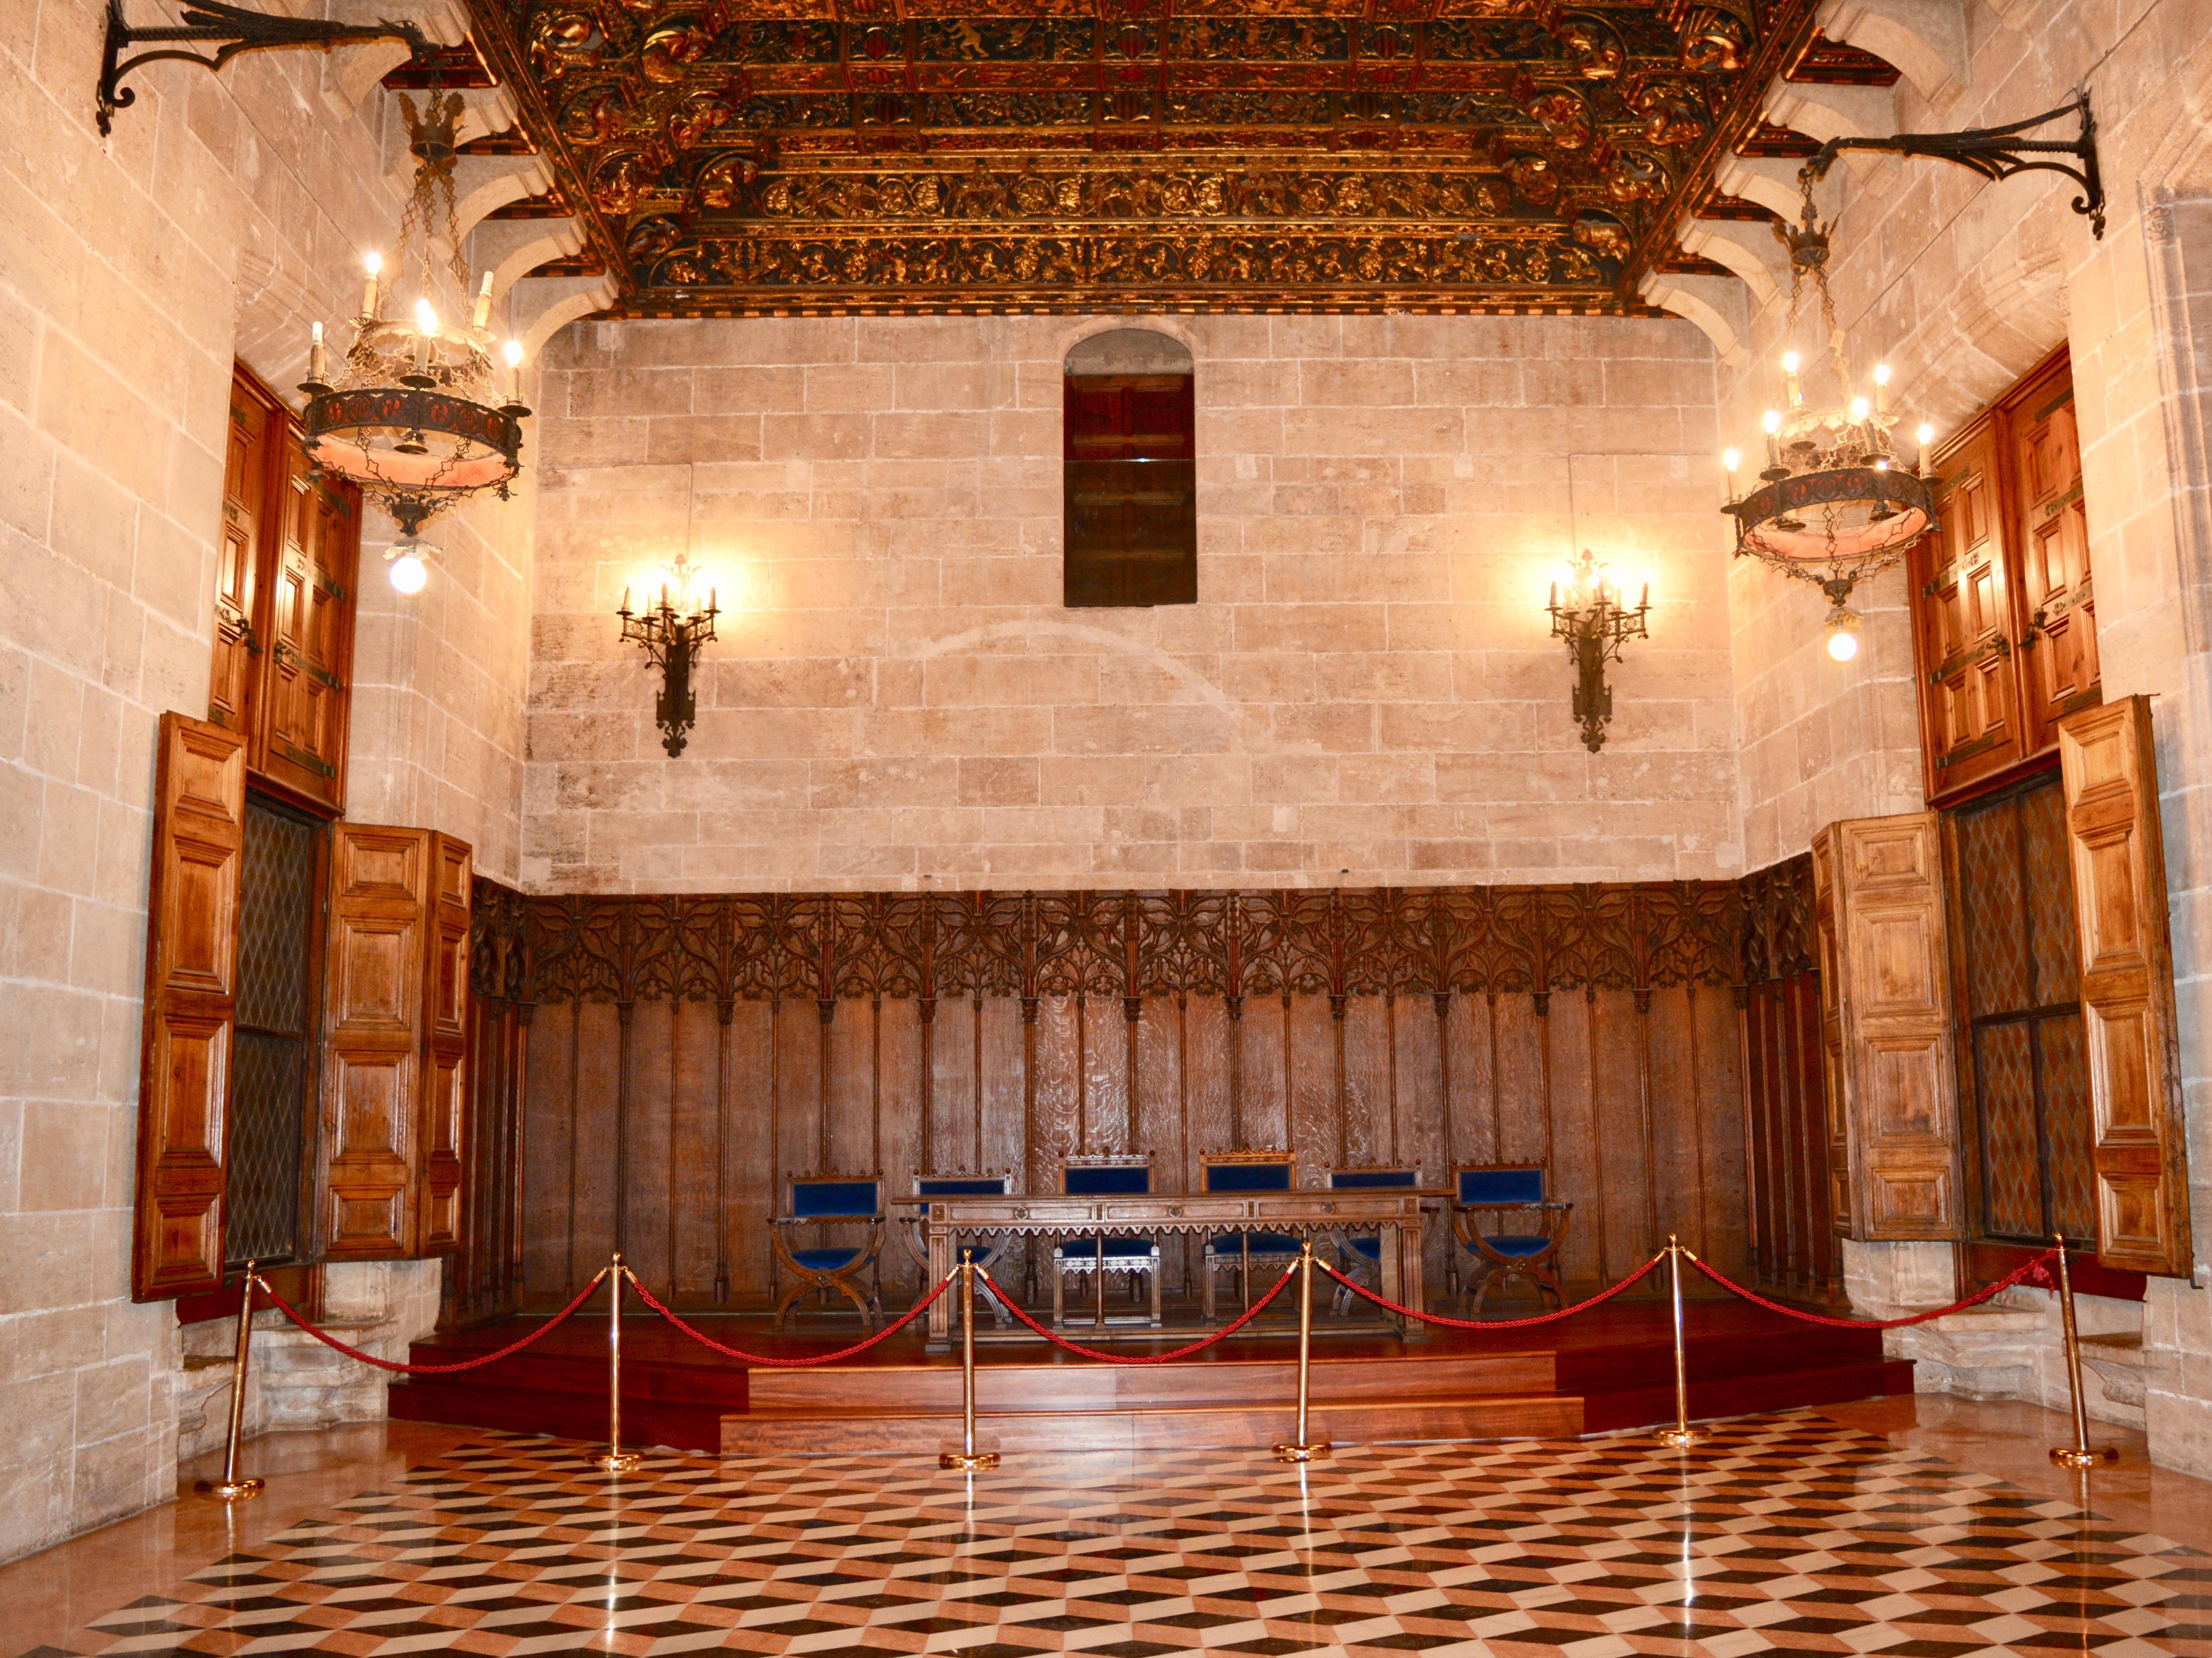 Salon del tribunale - lonja de la seda Valencia - aspassoperlaspagna.it